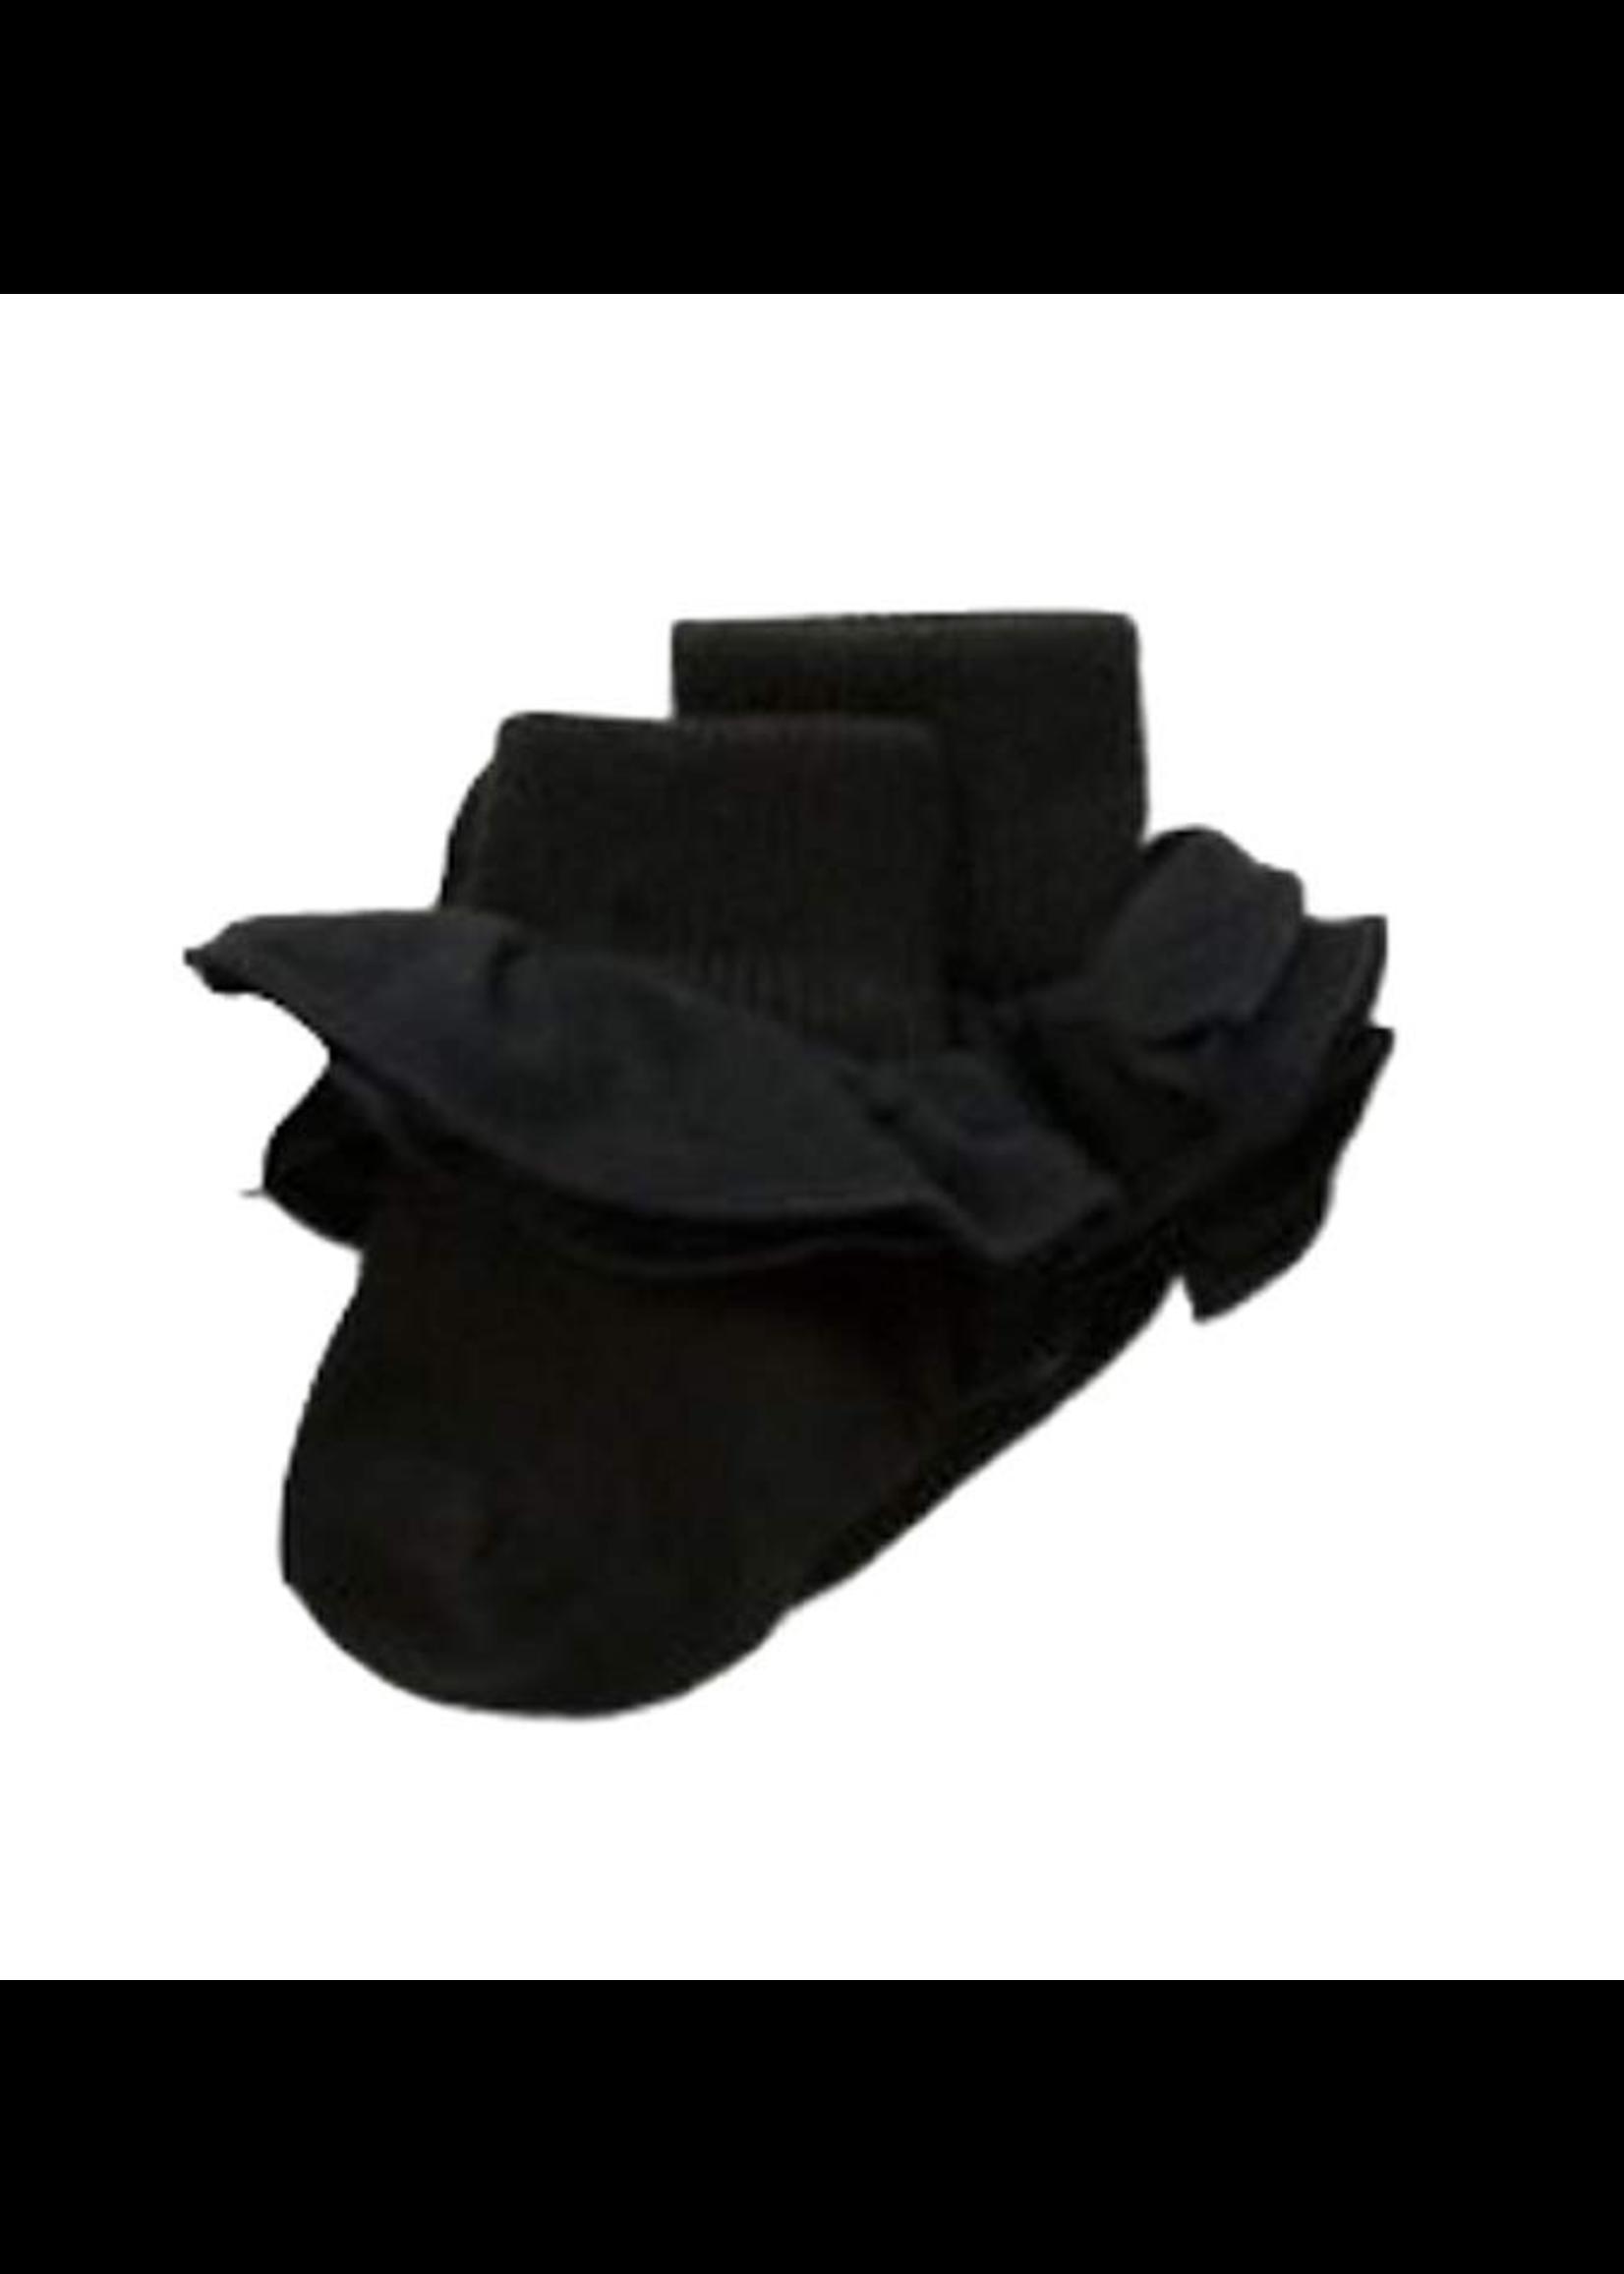 Jefferies Socks Jefferies Socks, Misty Ruffle Turn Cuff